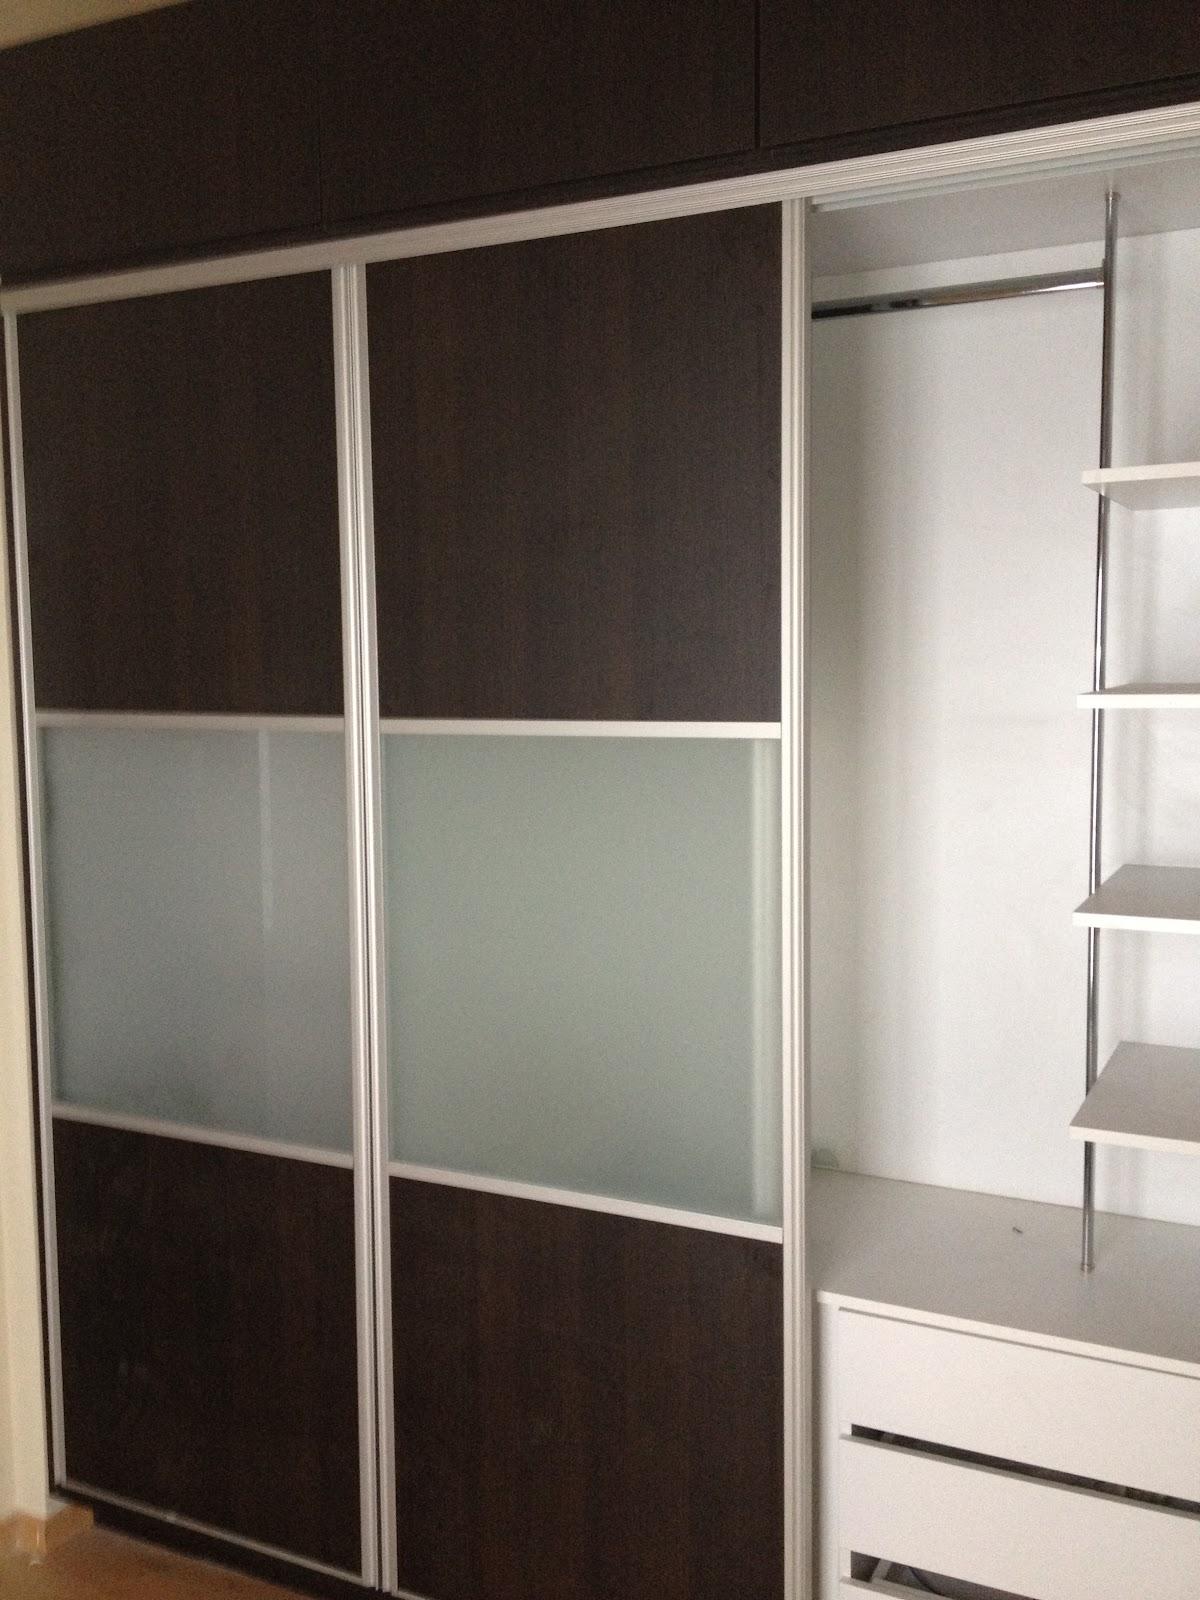 Inversiones dmi todo en madera y algo mas closets for Closet de aluminio